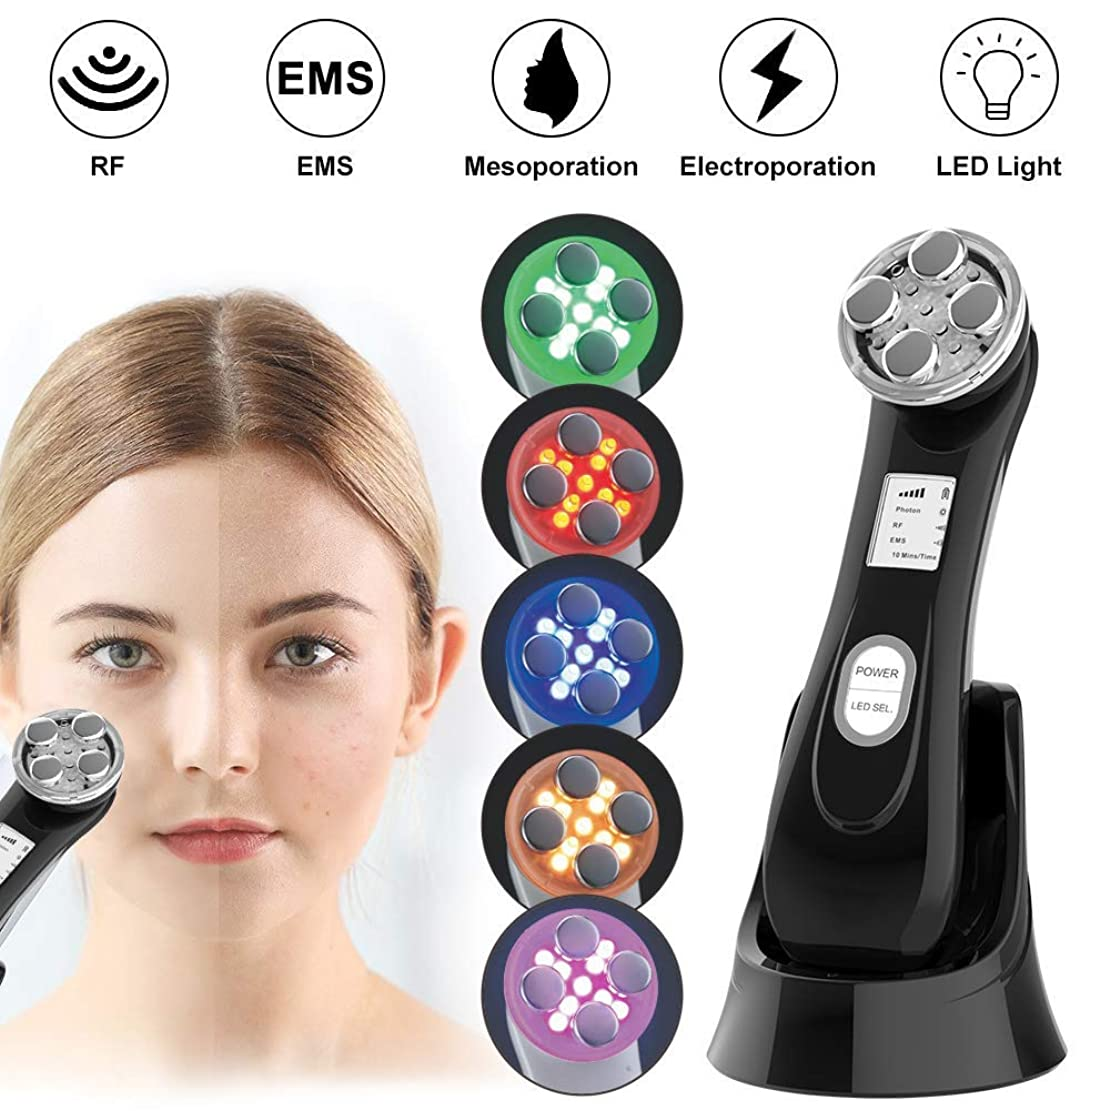 色クールモジュール肌の引き締め機、しわ除去機、6 in 1 RF美容アンチエイジングアンチニキビフェイシャルリフティング美容機高周波USB充電式EMS超音波LEDフェイシャルフォトンフェイススキンケア